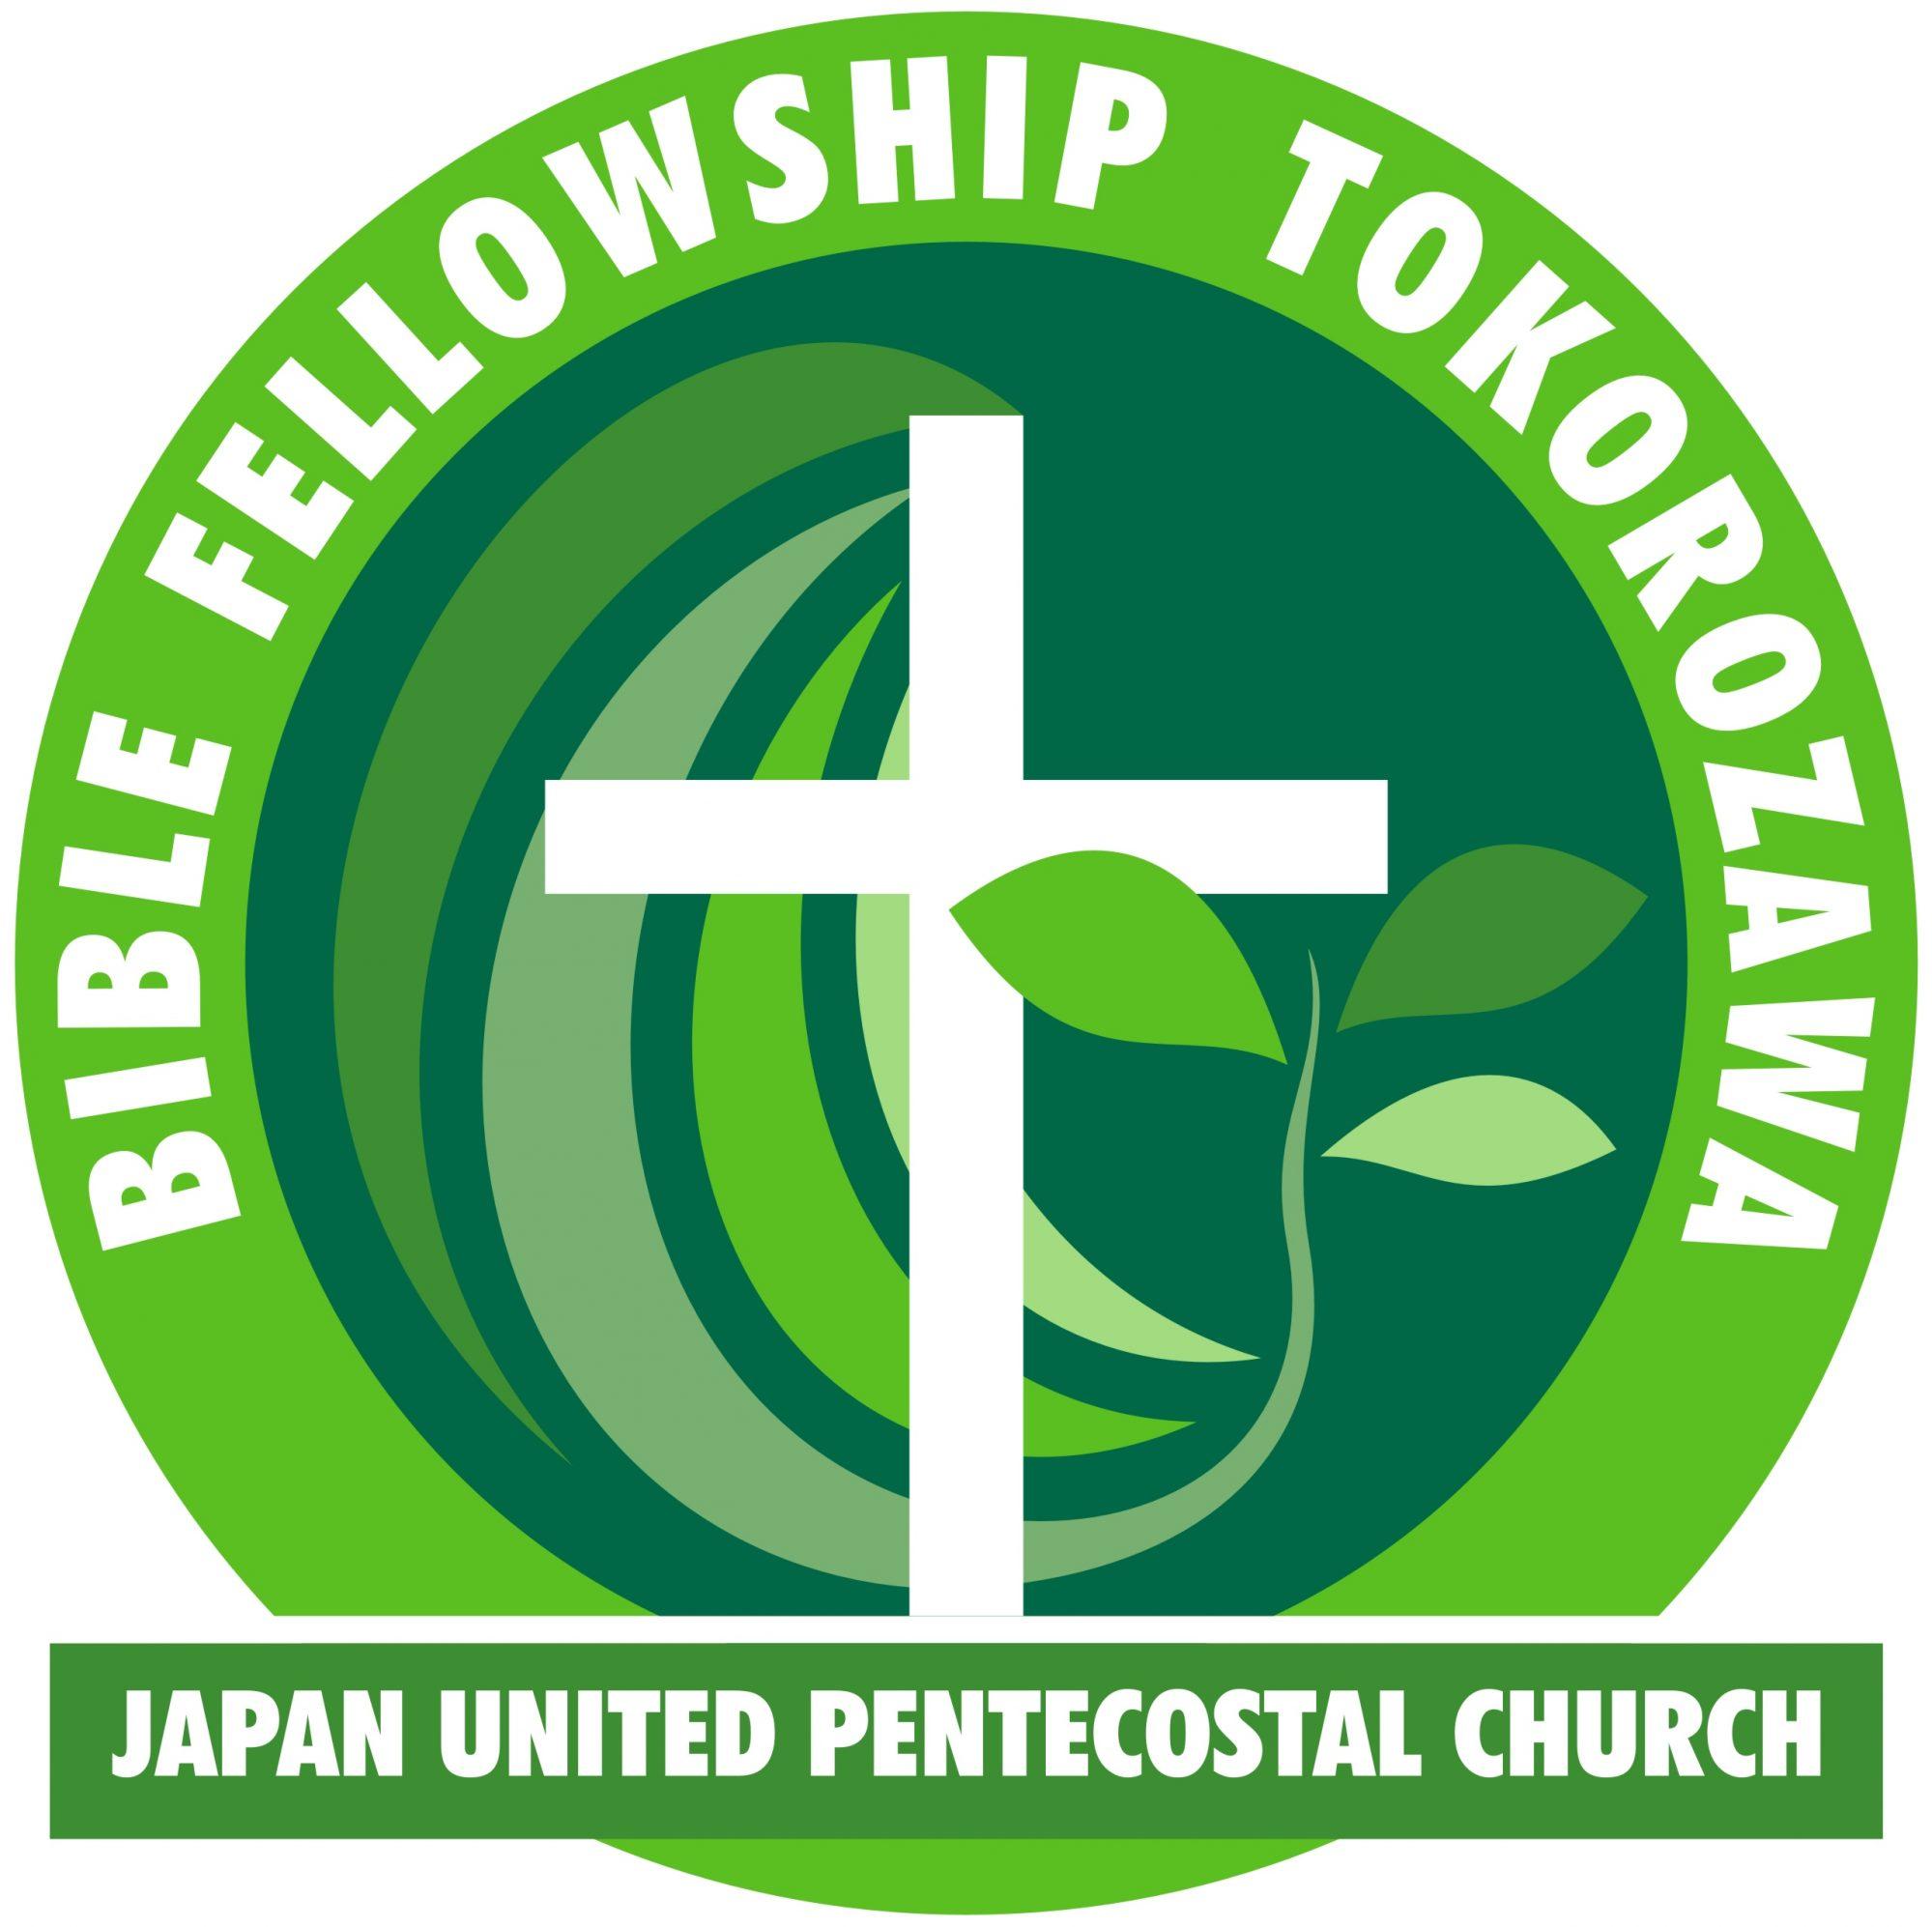 埼玉ペンテコステ教会 BIBLE FELLOWSHIP 所沢